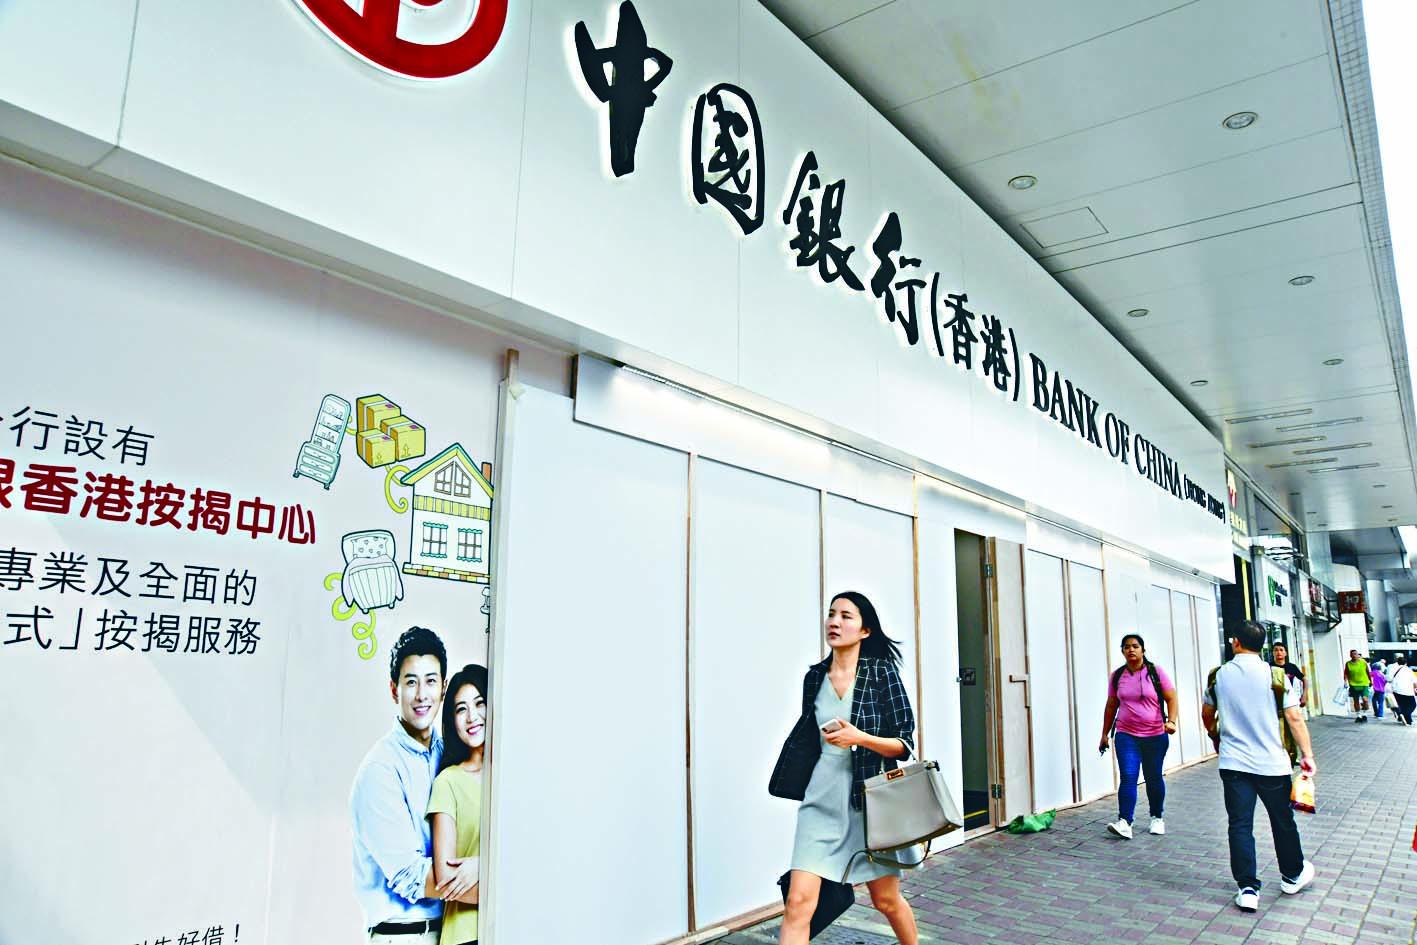 銀行公會於8月新設虛擬銀行工作小組,由8家獲金管局發牌的虛擬銀行組成,並由中銀香港牽頭成立的虛擬銀行Livi代表擔任主席。